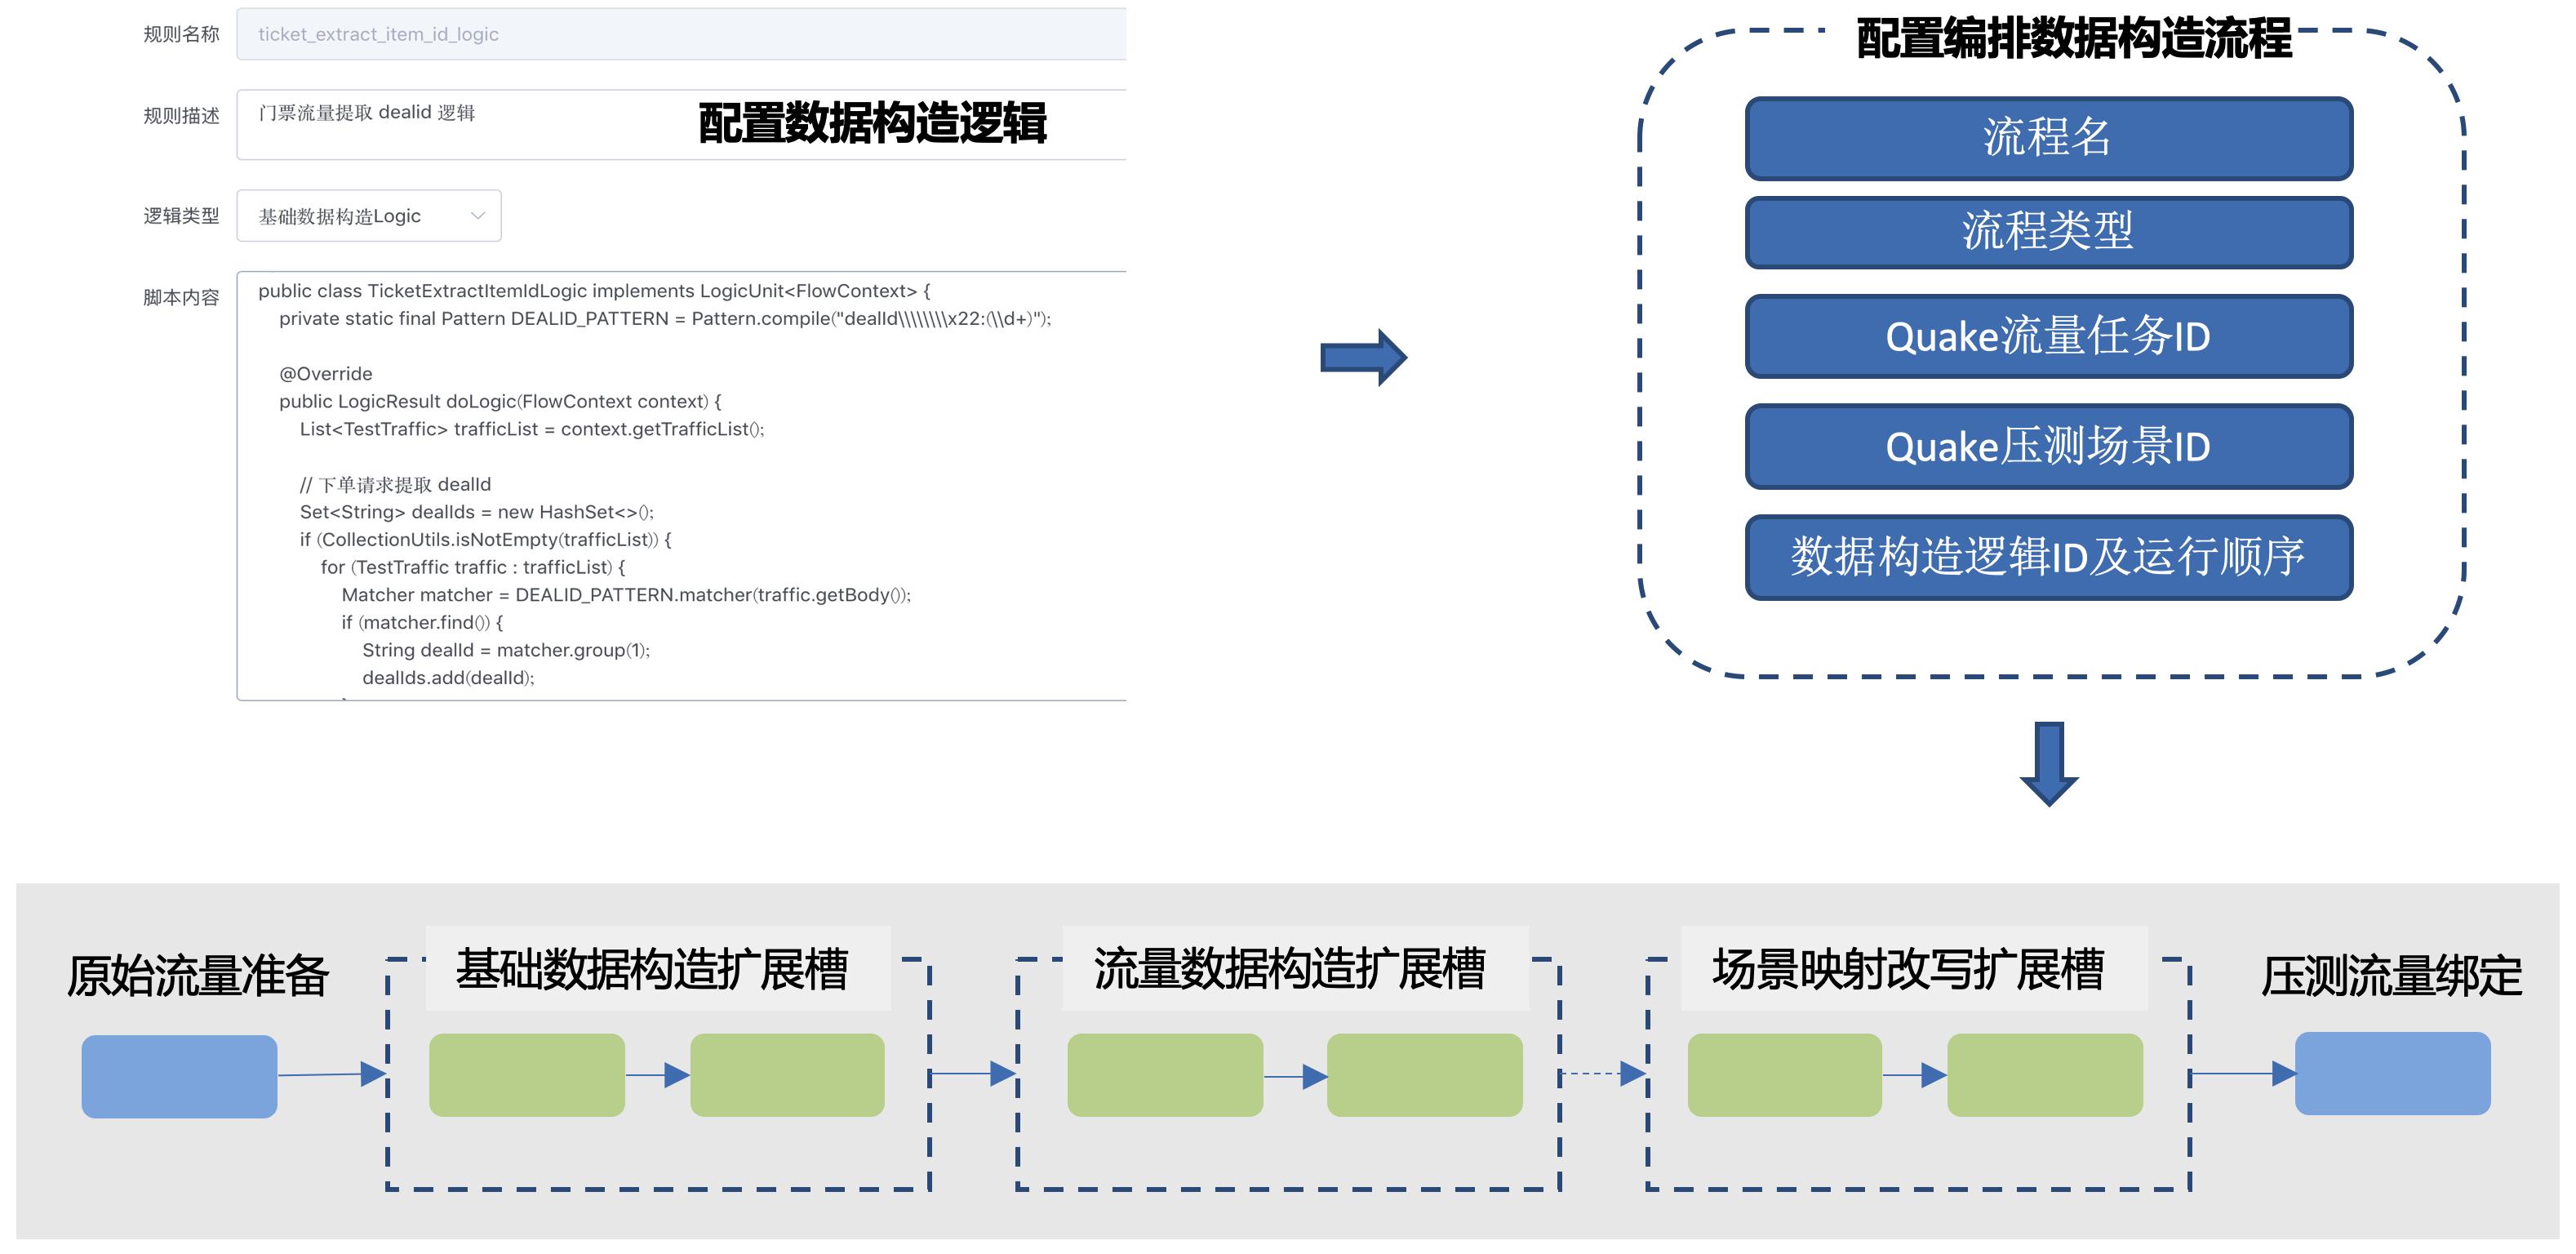 图6 数据构造